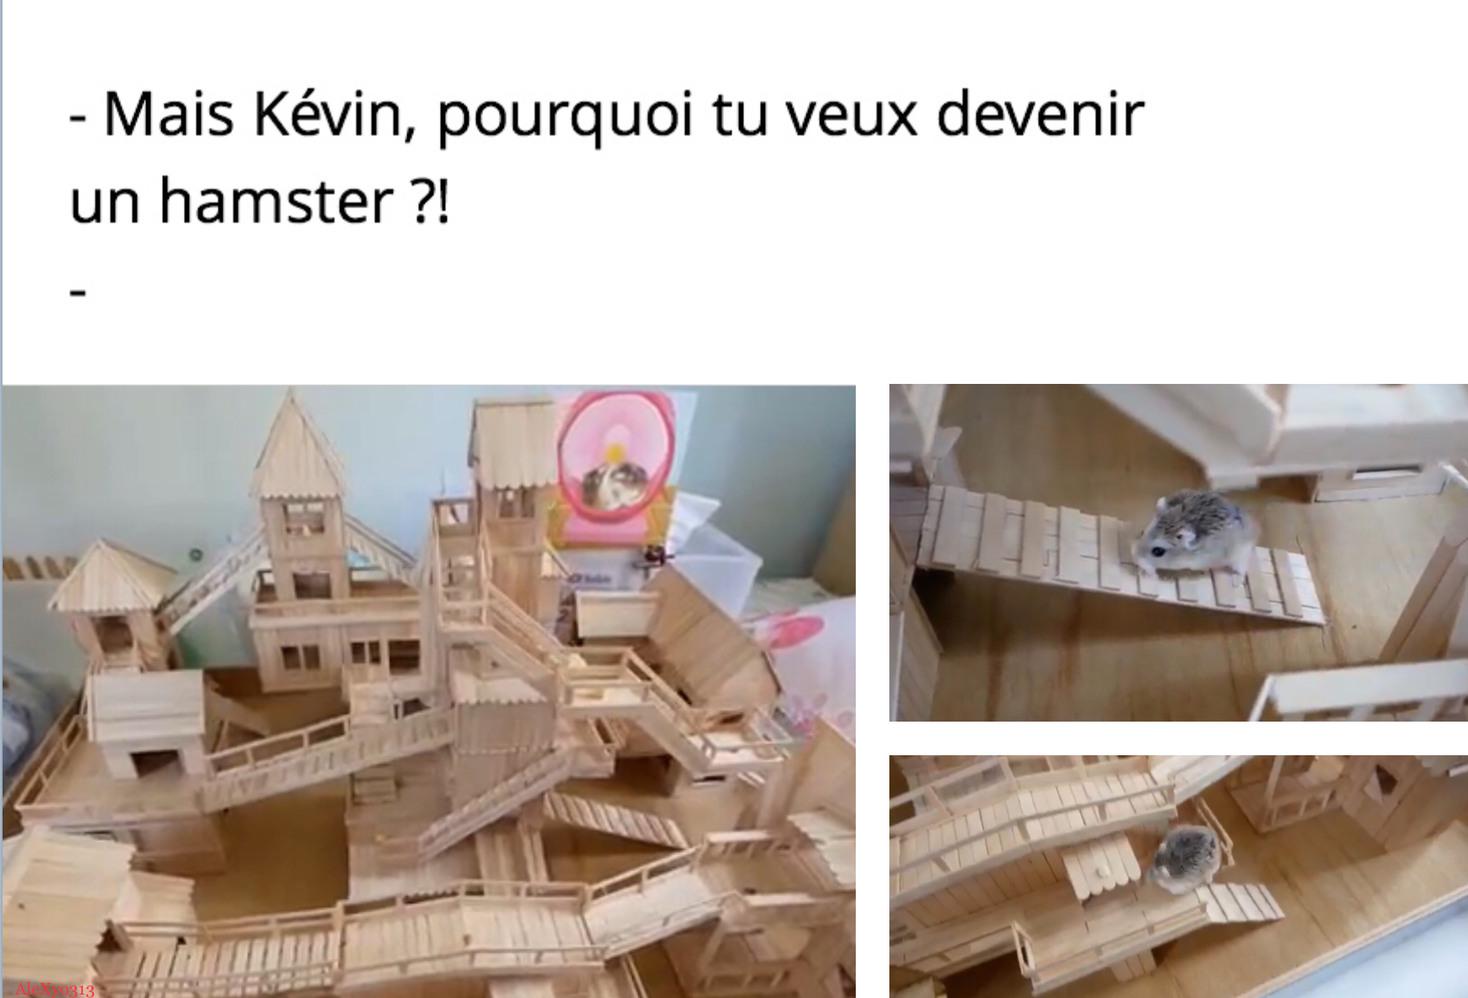 Kevin est un très beau prénom. (C'est totalement faux) - meme